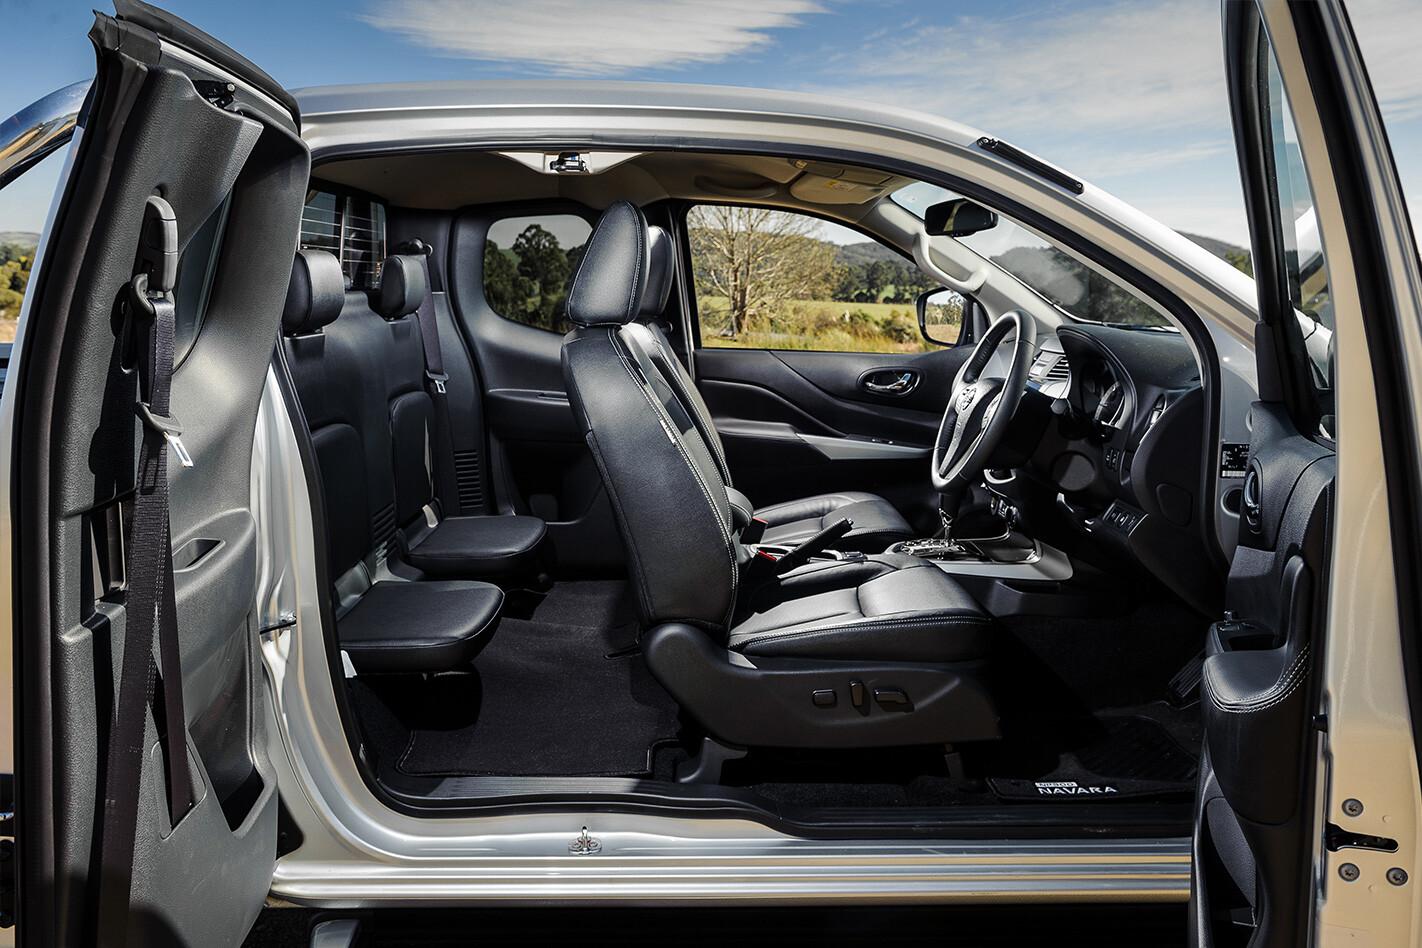 Nissan Navara King Cab Interior Jpg